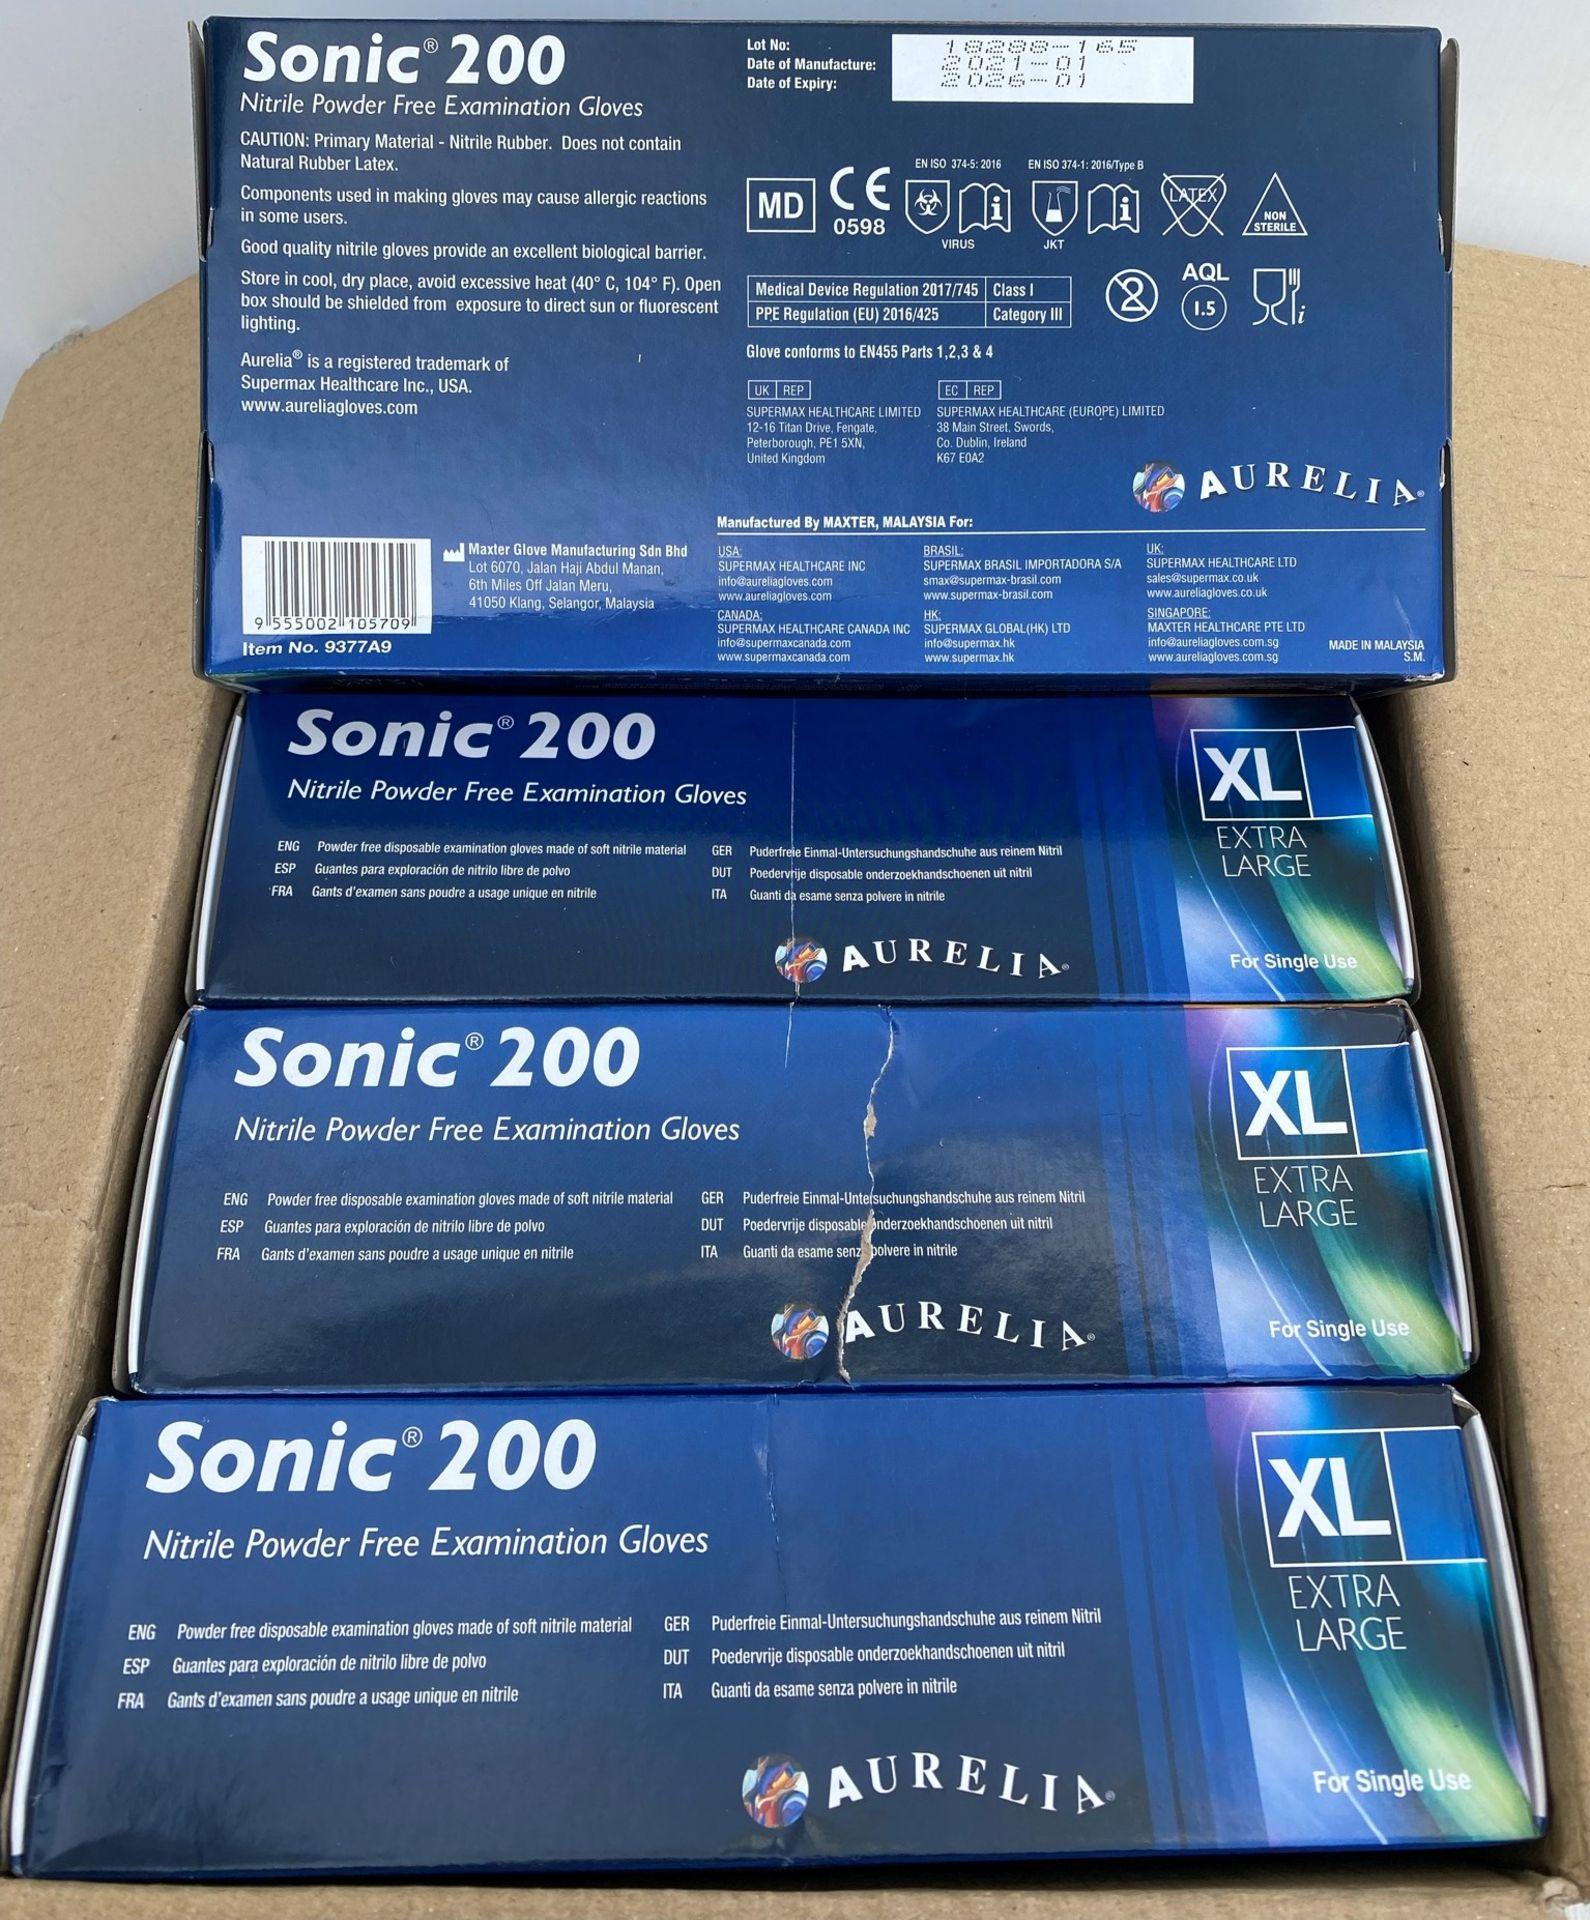 10 x boxes of 200 x Aurelia Sonic 200 Nitrile Powder Free Examination Gloves - Size Extra Large - - Image 2 of 2